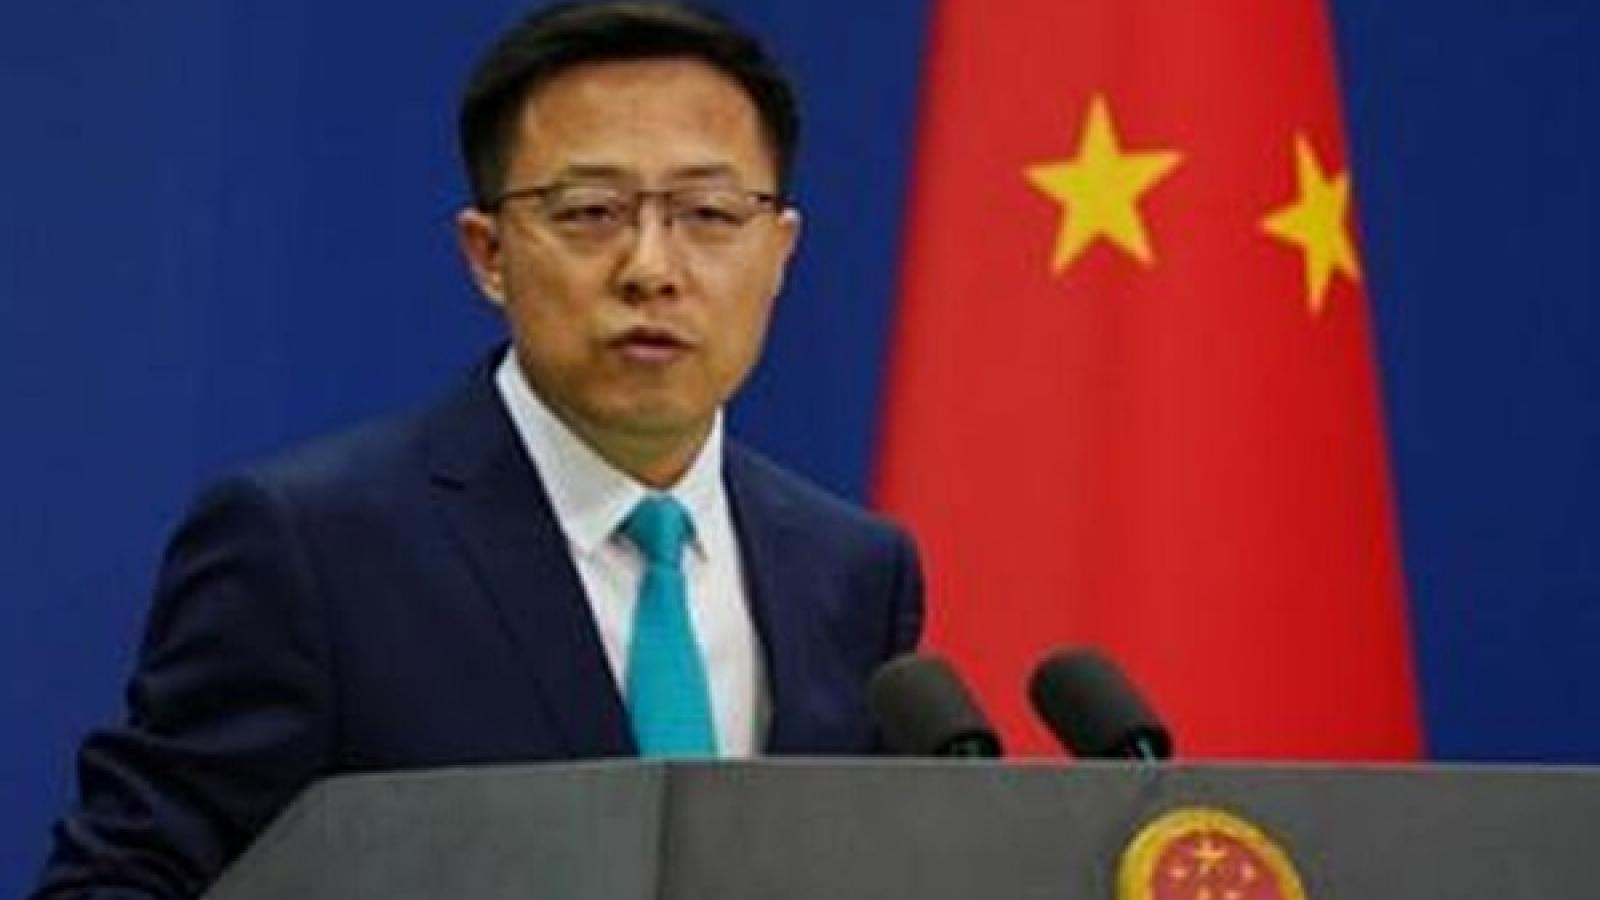 """Trung Quốc nói bắt giữ 2 """"gián điệp"""" Canada không liên quan vụ Huawei"""